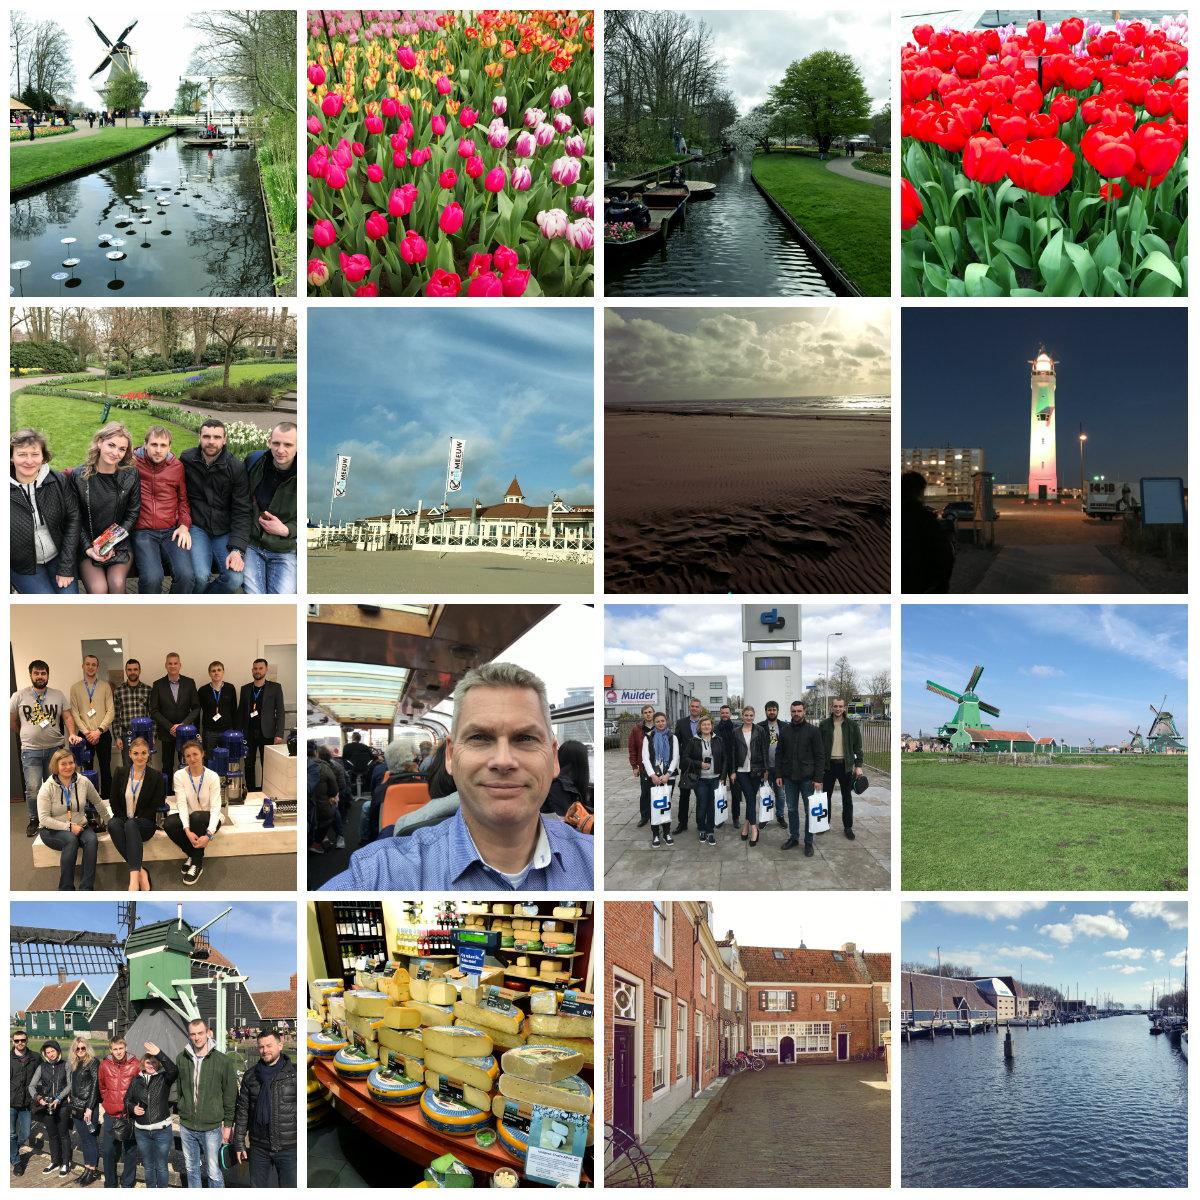 Фотоколаж весенней поездки на завод DP-Pumps (насосы и насосные станции) группы украинских инженеров от компании IWT.